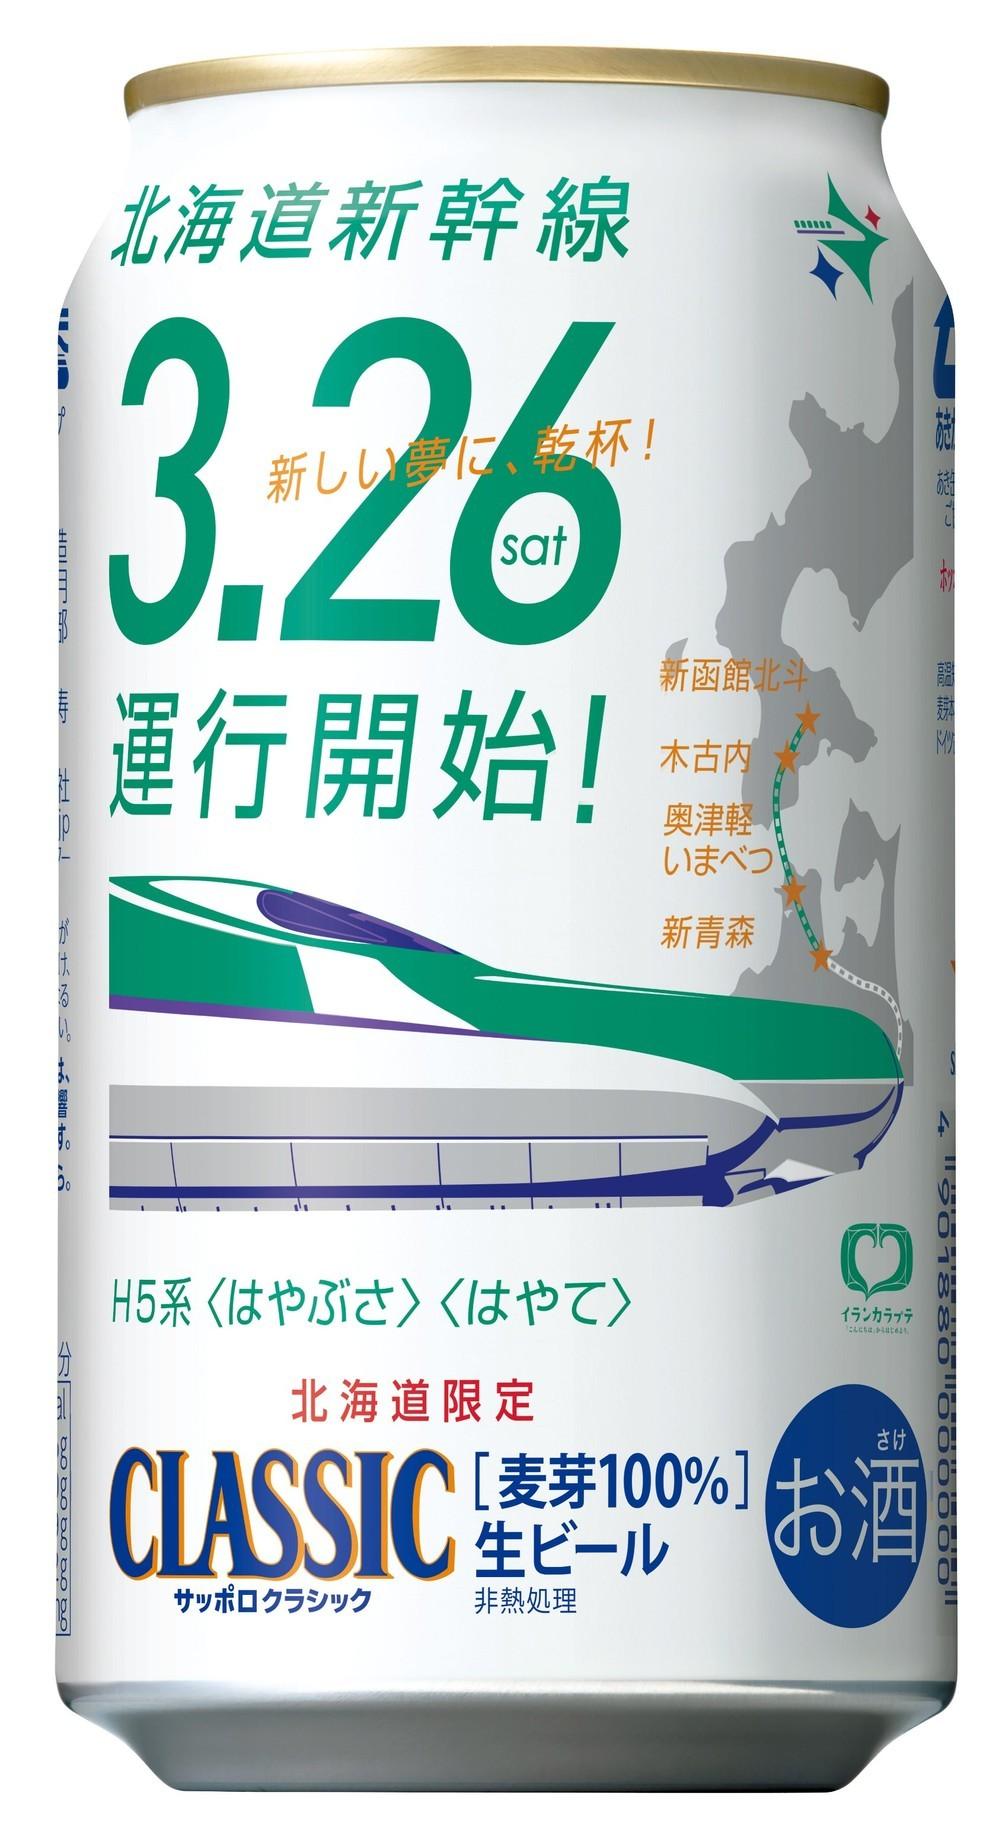 サッポロ クラシック「北海道新幹線缶」「北海道新幹線缶ギフトセット」限定発売!